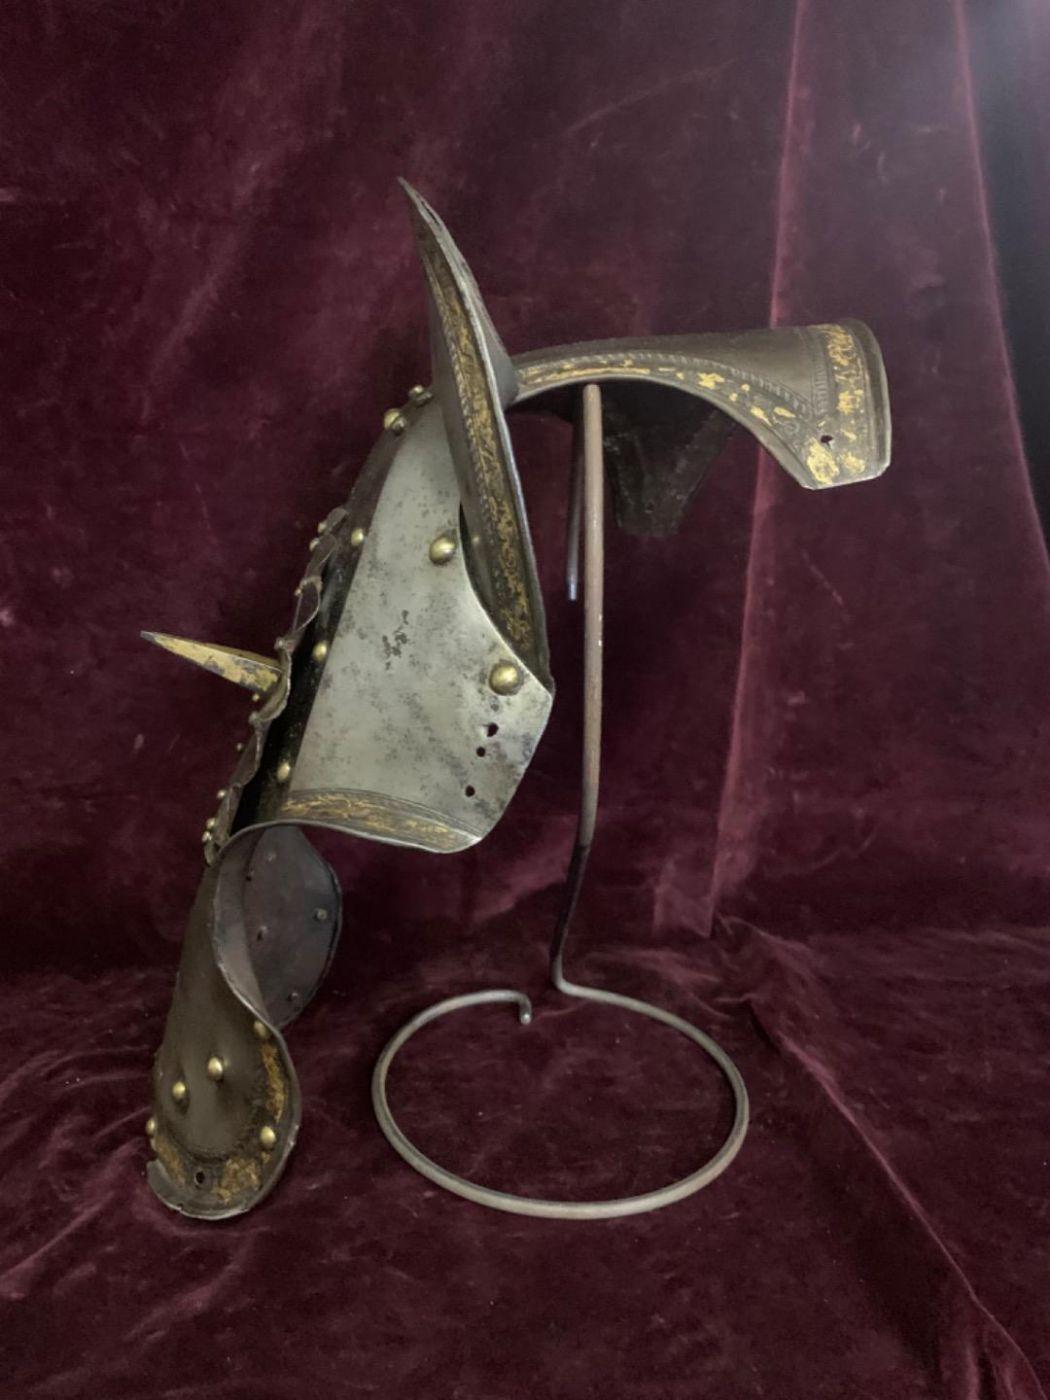 thumb4|Testiera da cavallo 1570-1580